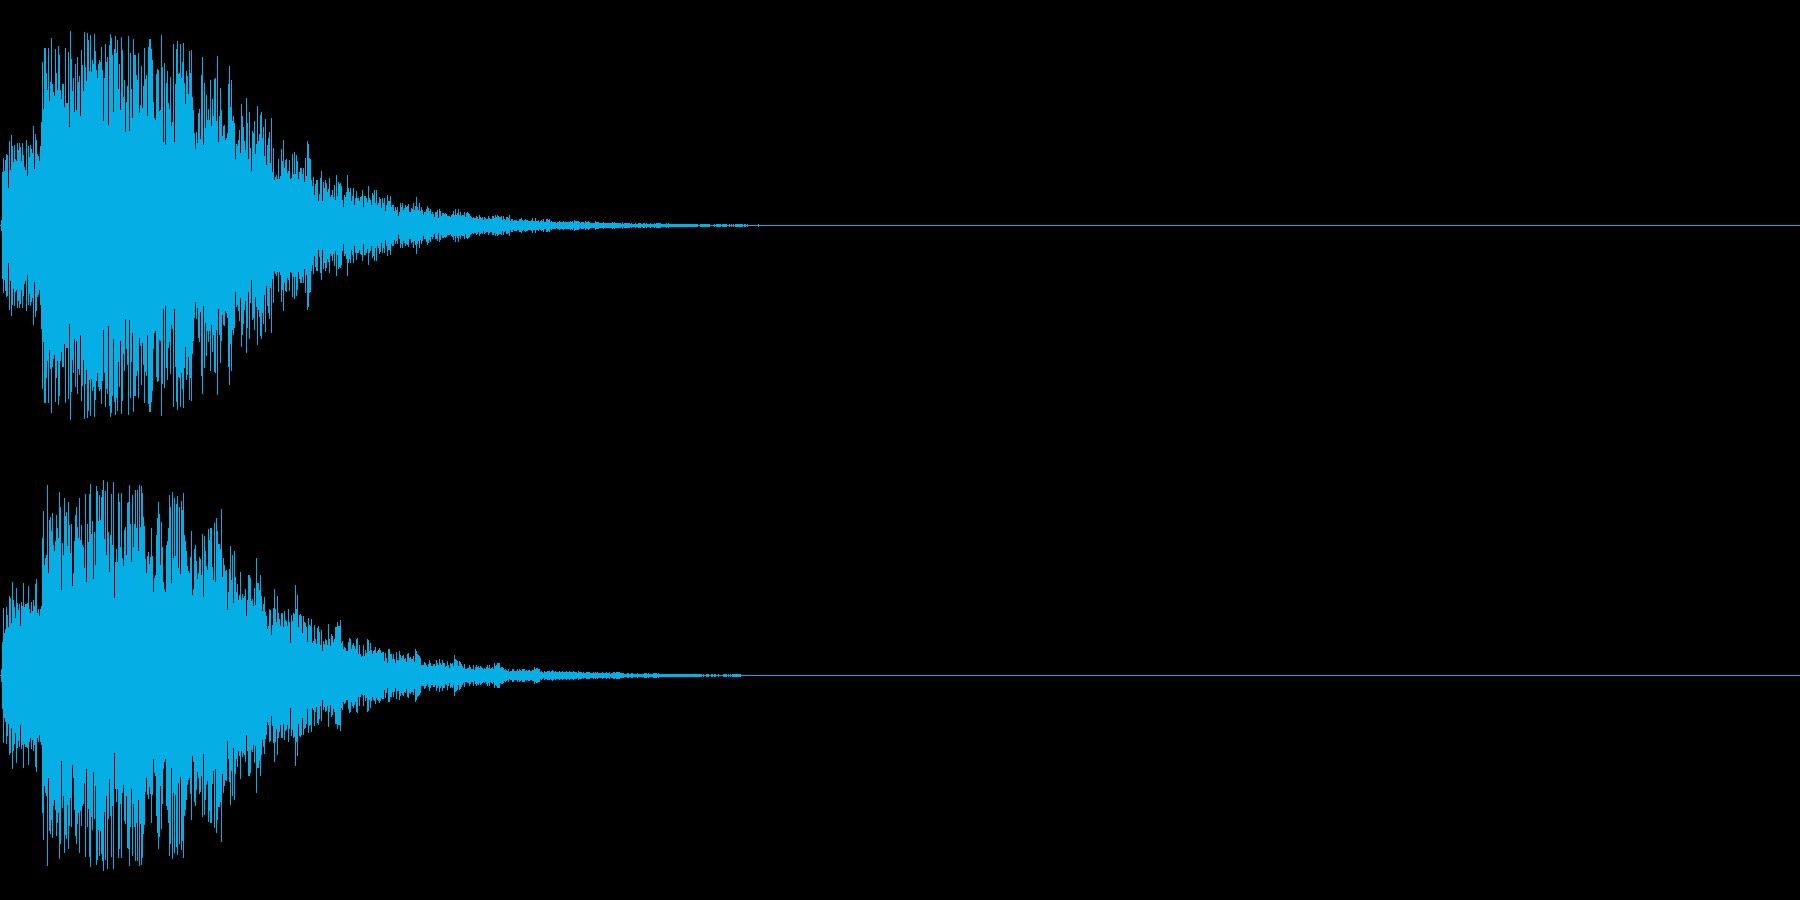 ドンドンドン・・・(強いショックの音)の再生済みの波形